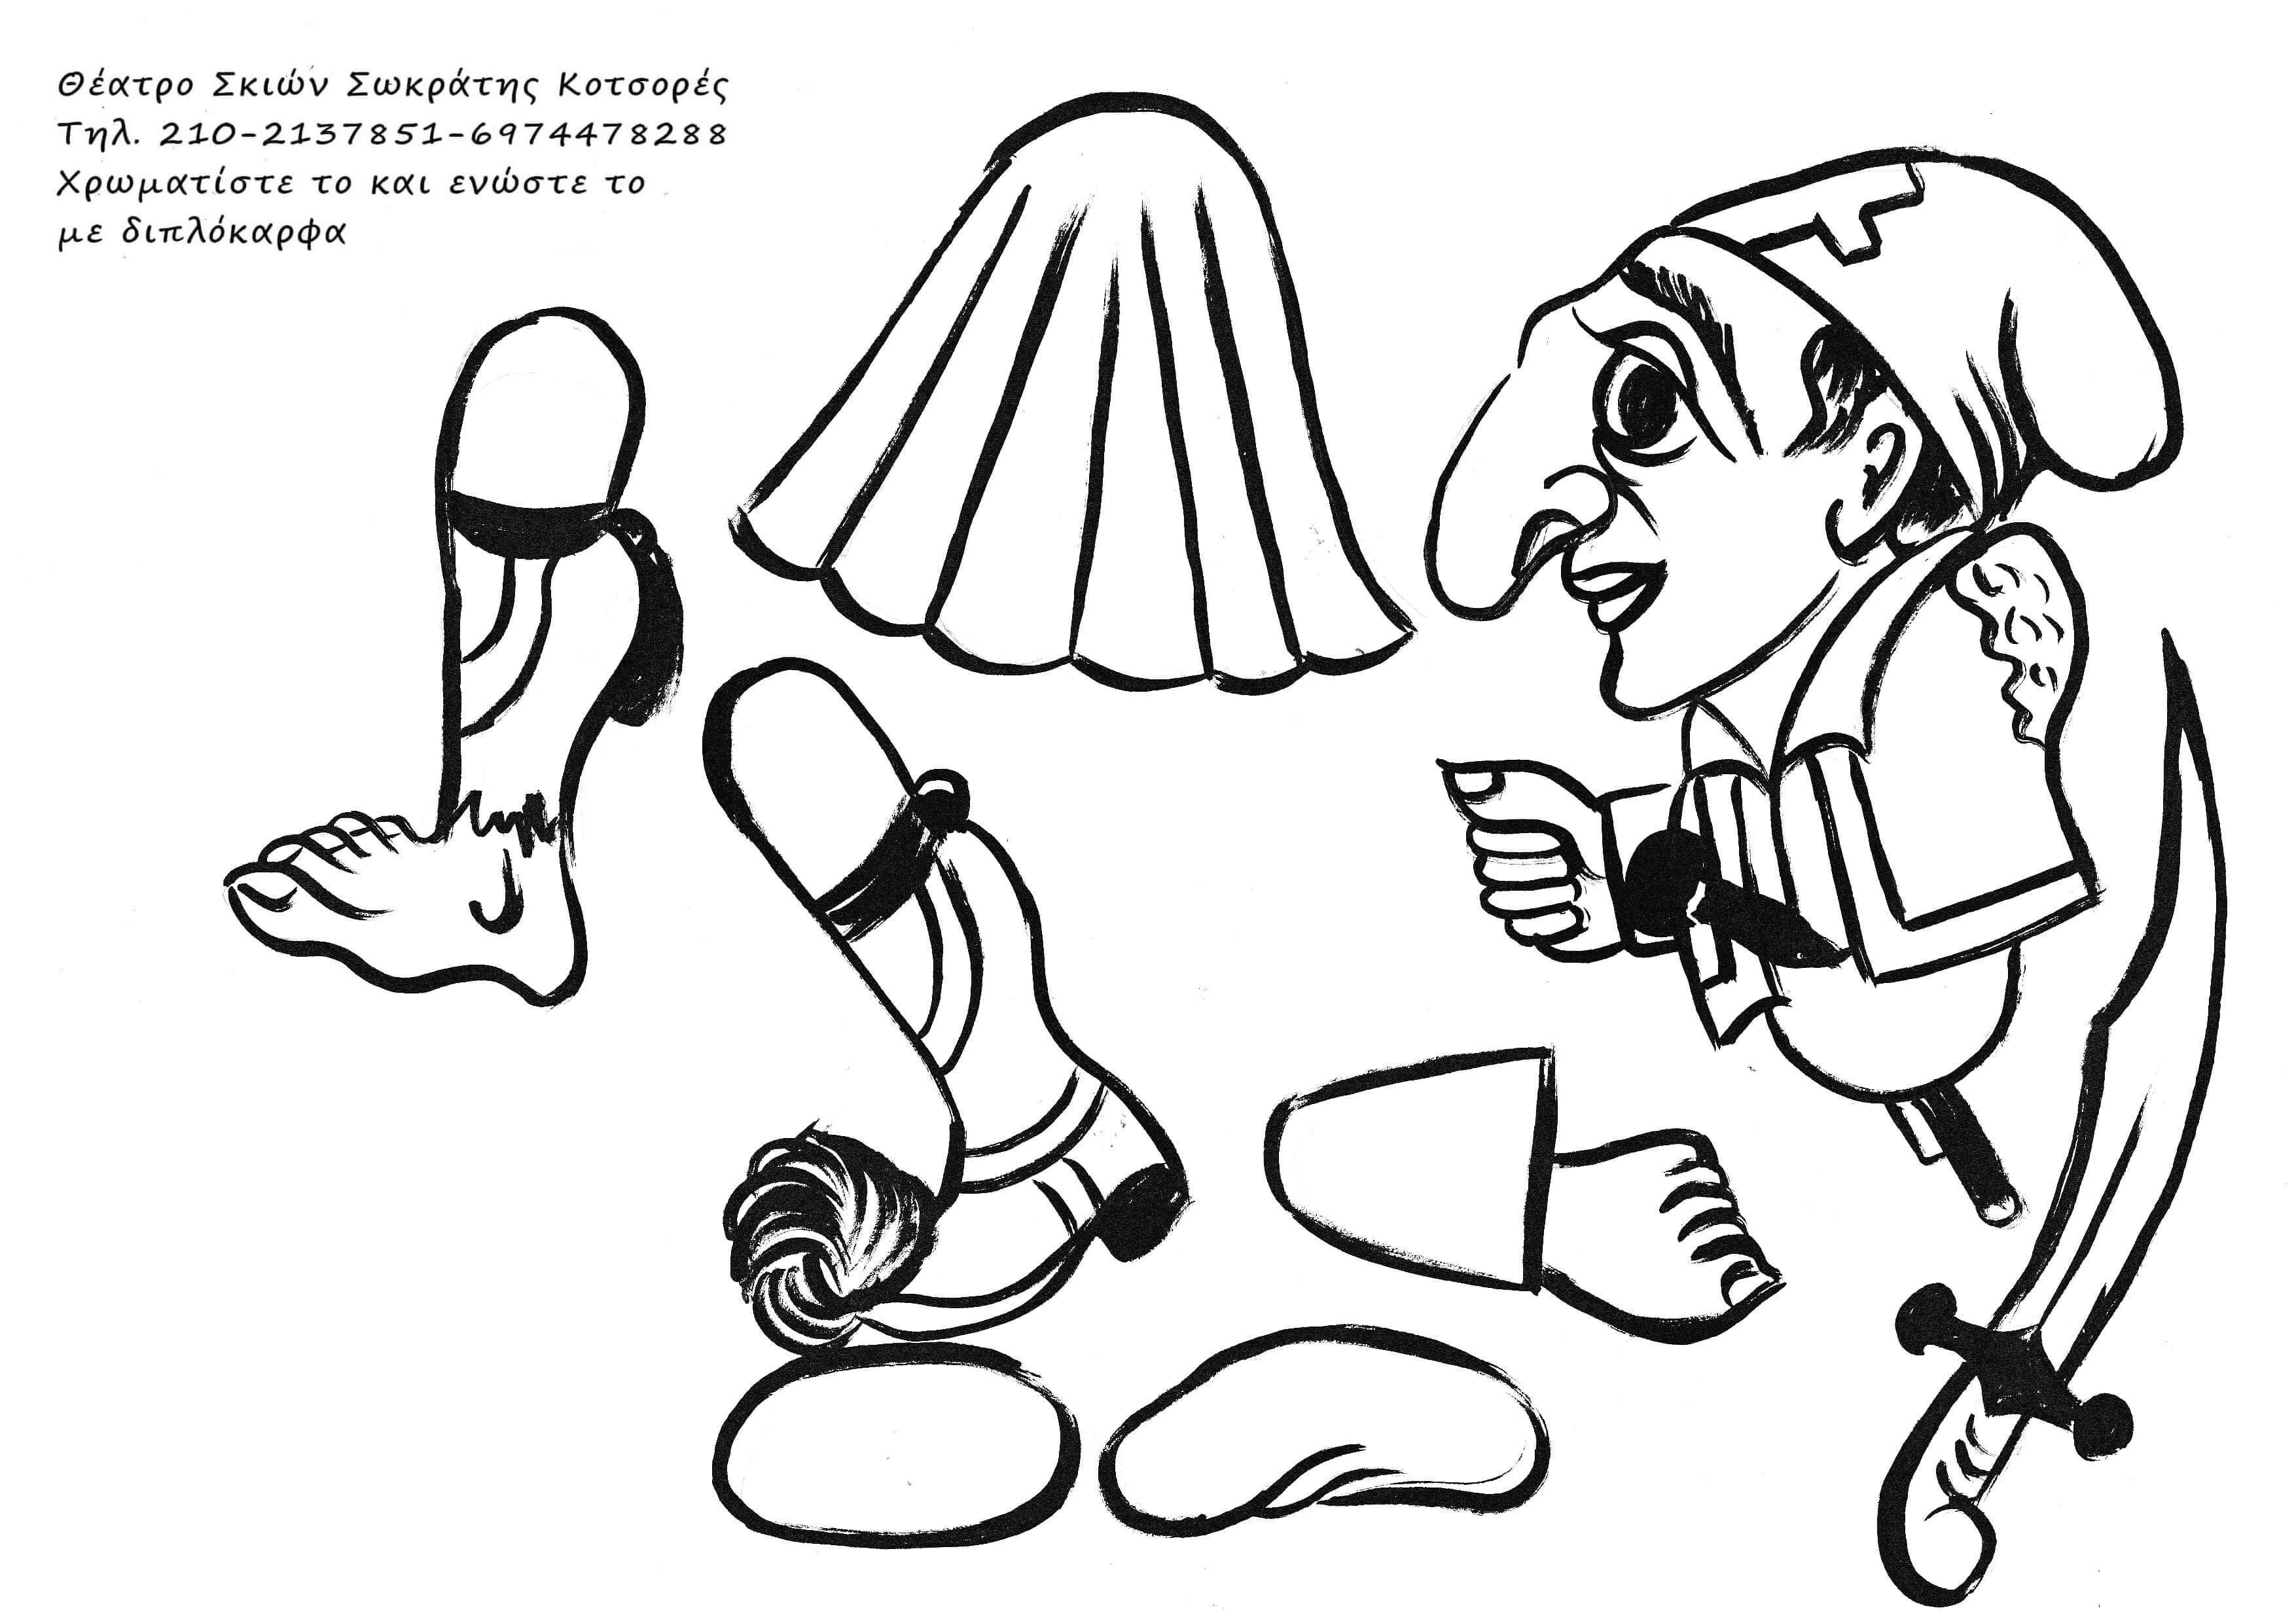 Ο Καραγκιόζης τσολιάς, φιγούρα για ζωγραφική και χαρτοκοπτική.